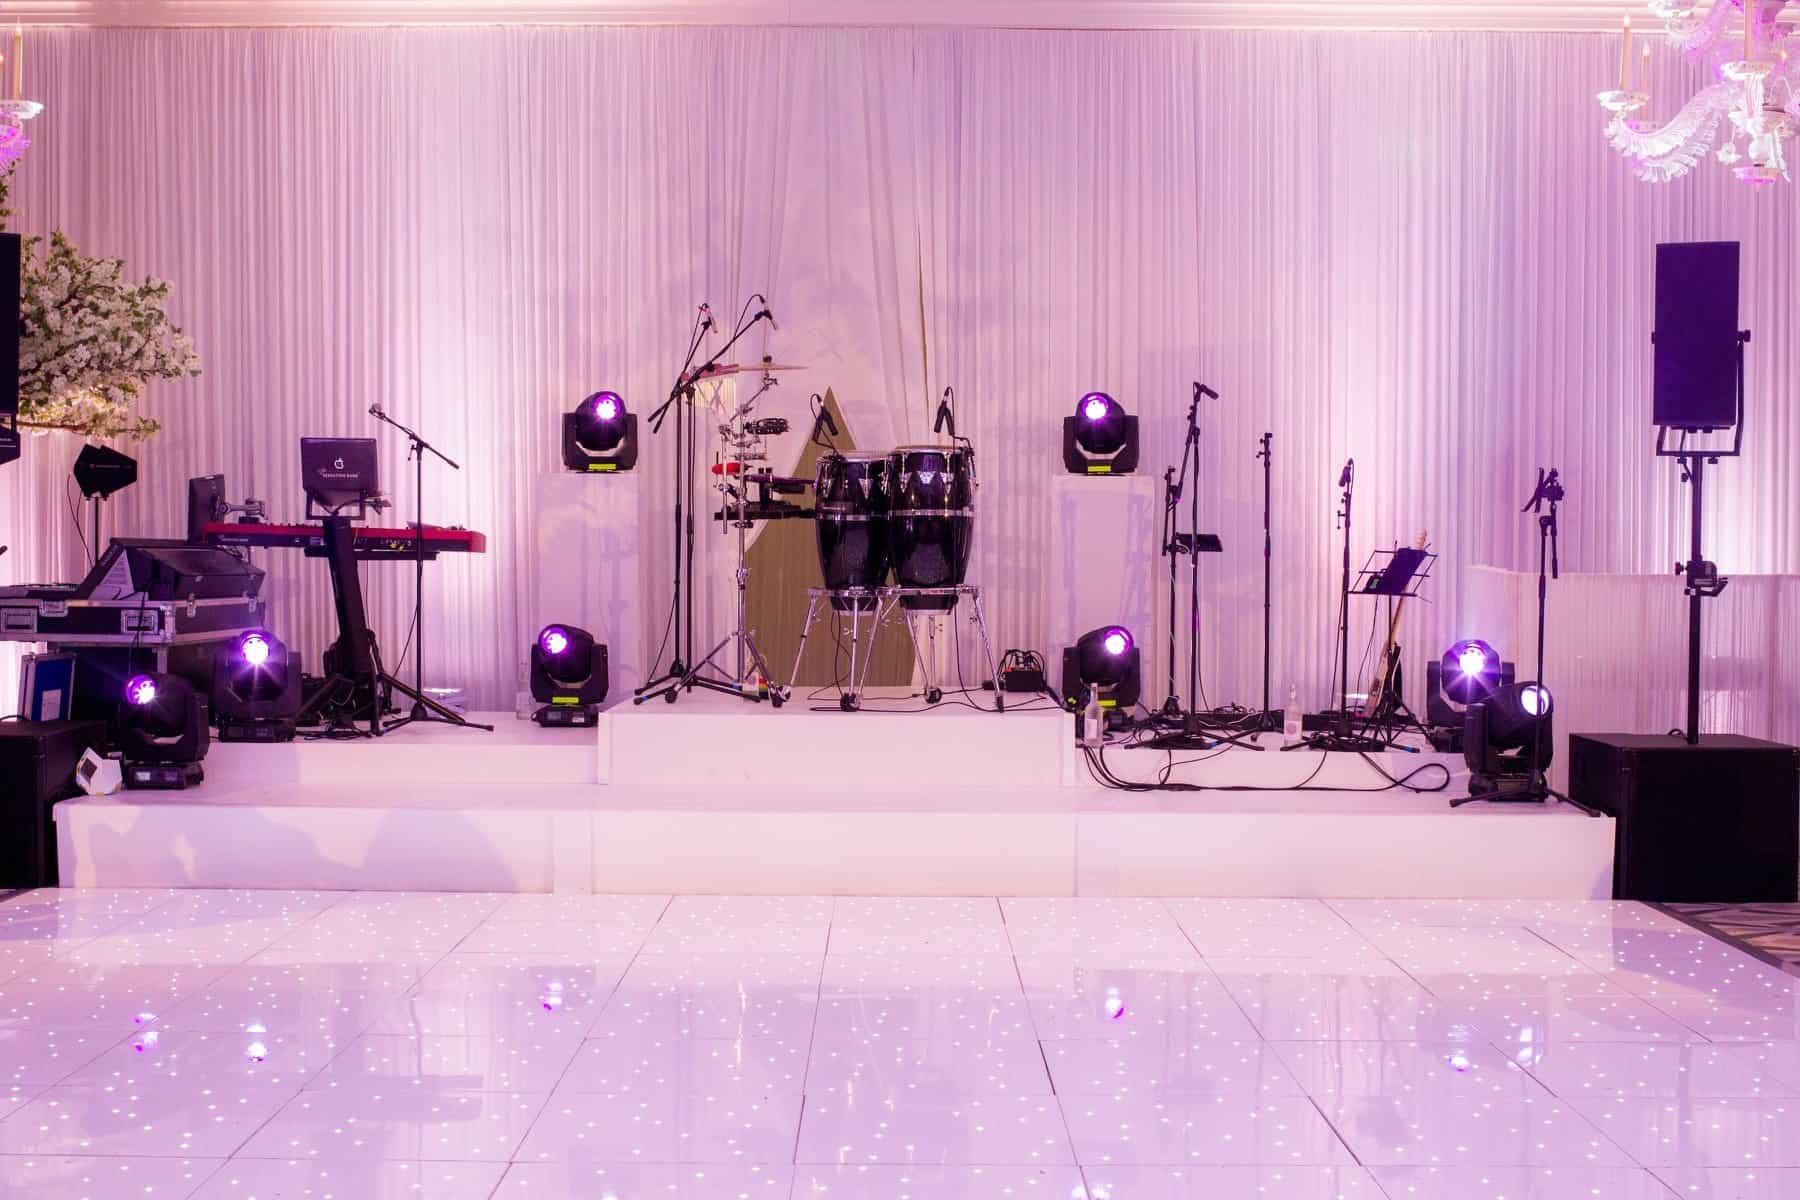 White LED Dance Floor With Lighting